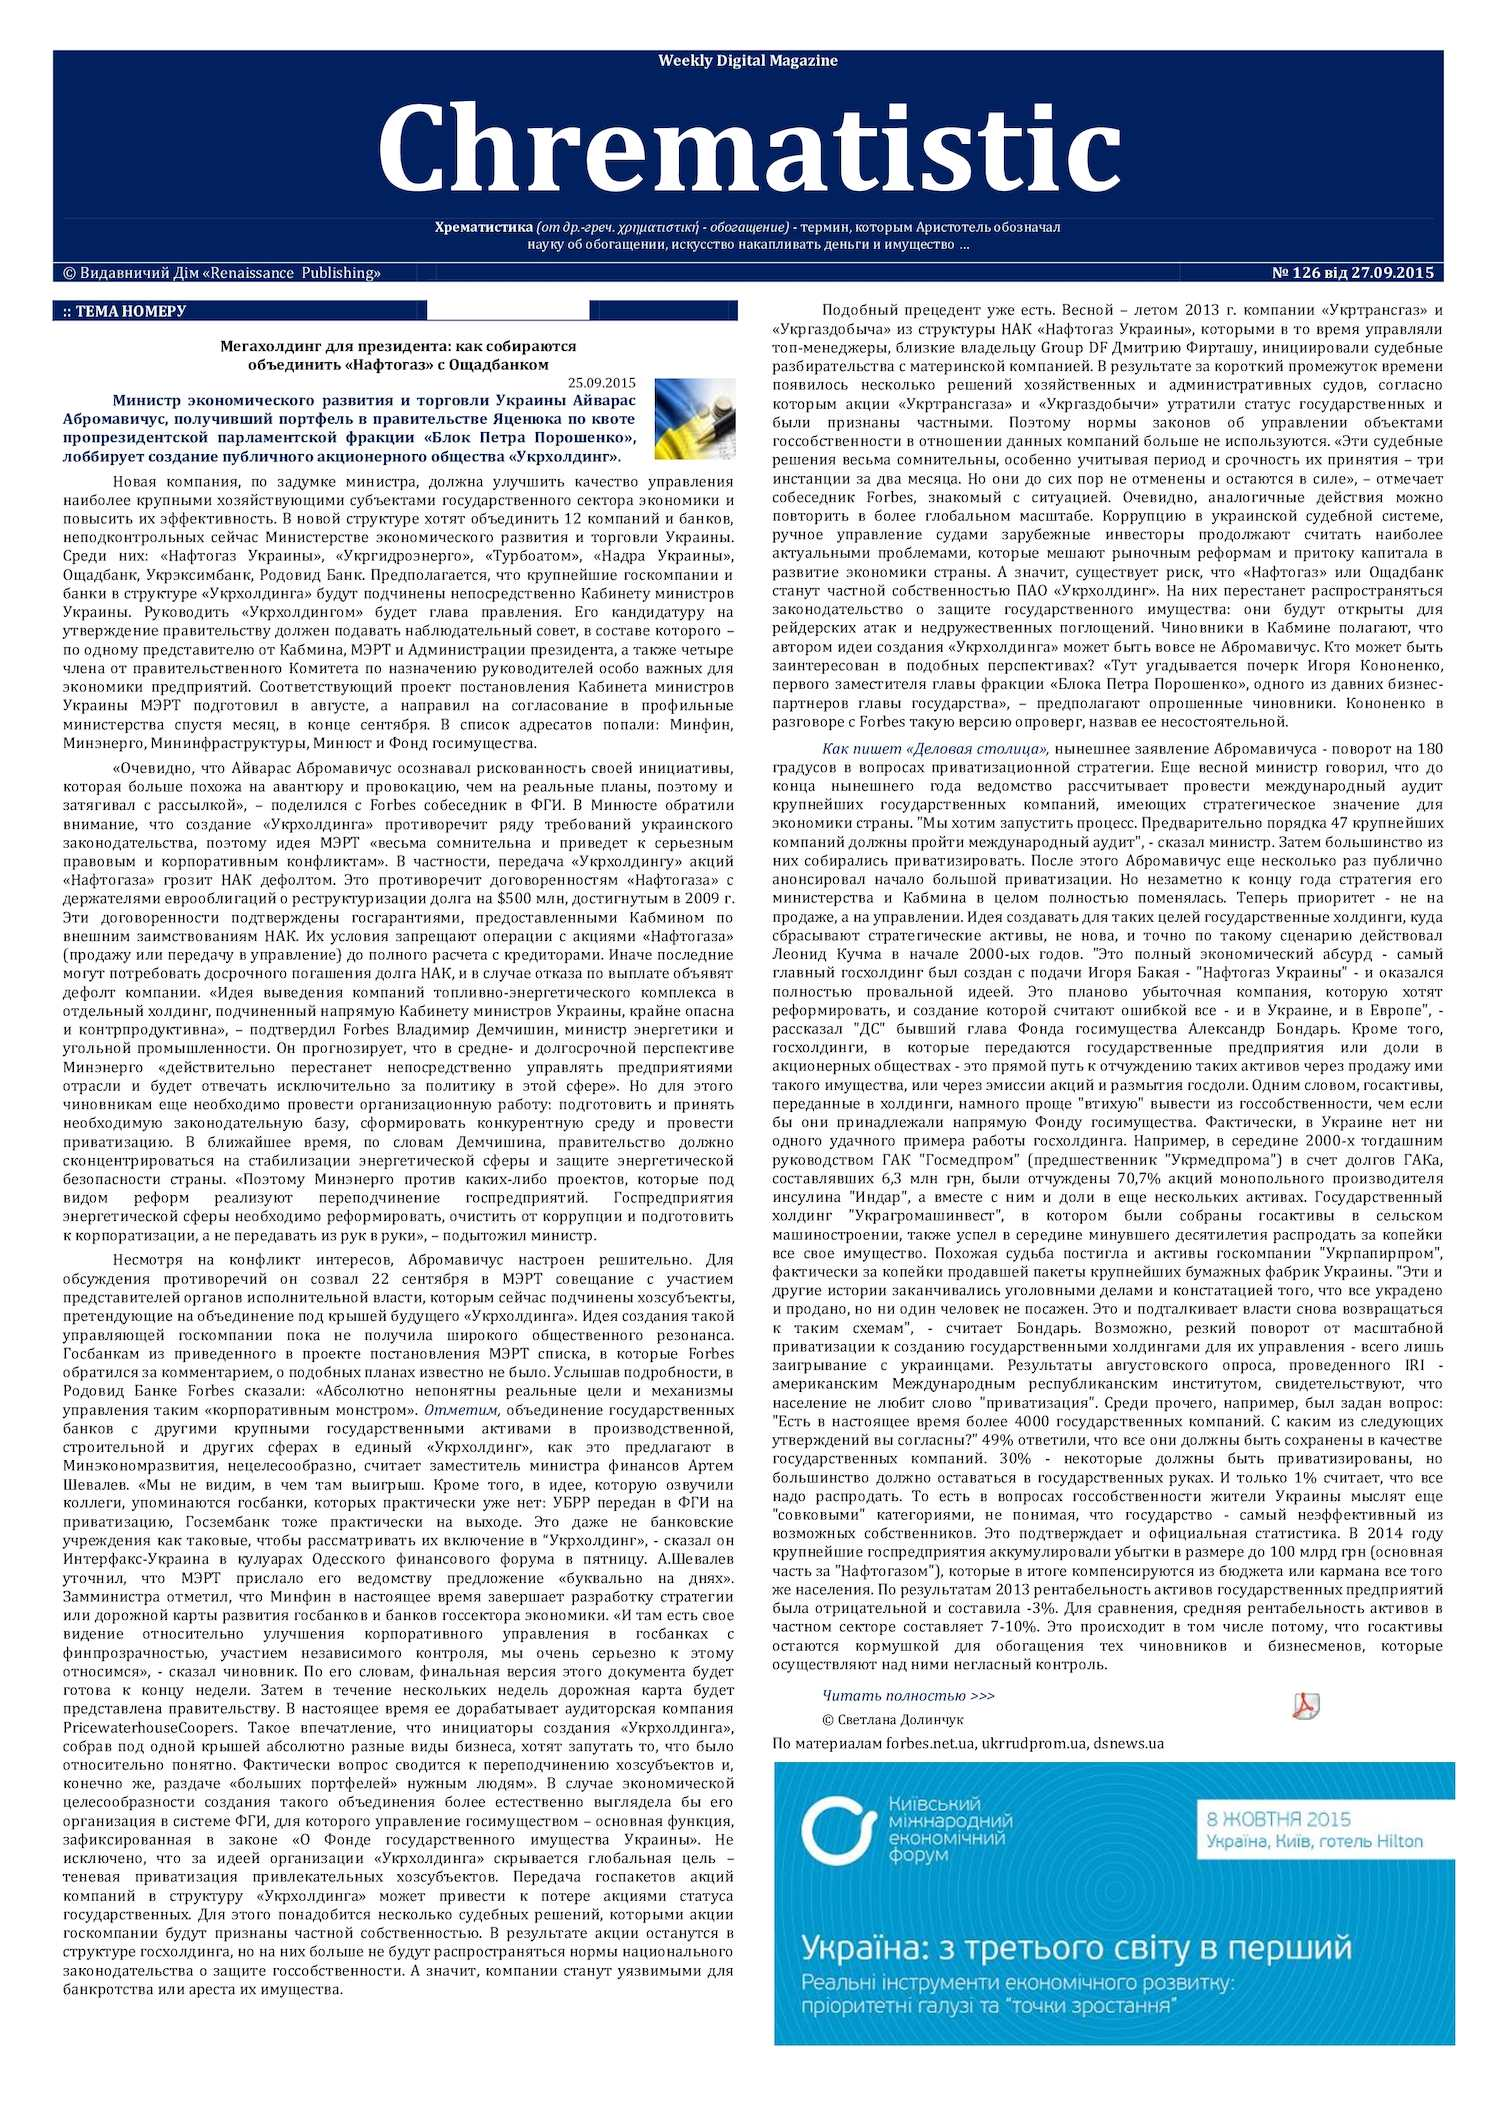 Calaméo - №126 Wdm «Chrematistic» от 27 09 2015 291ea1b51d51b